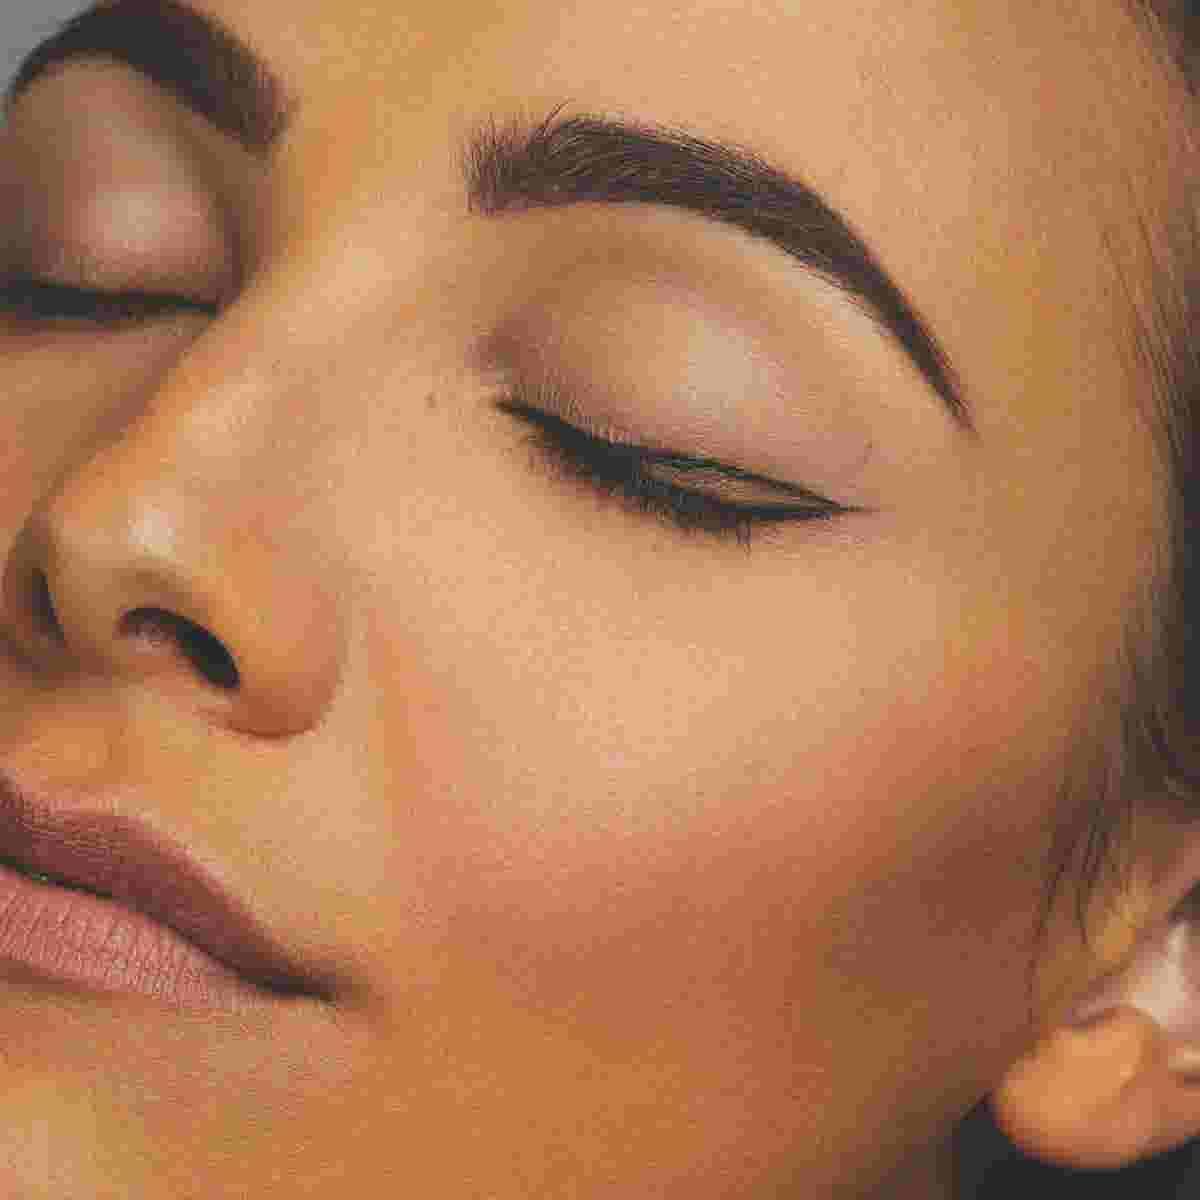 Winged eyeliner tutorial step two